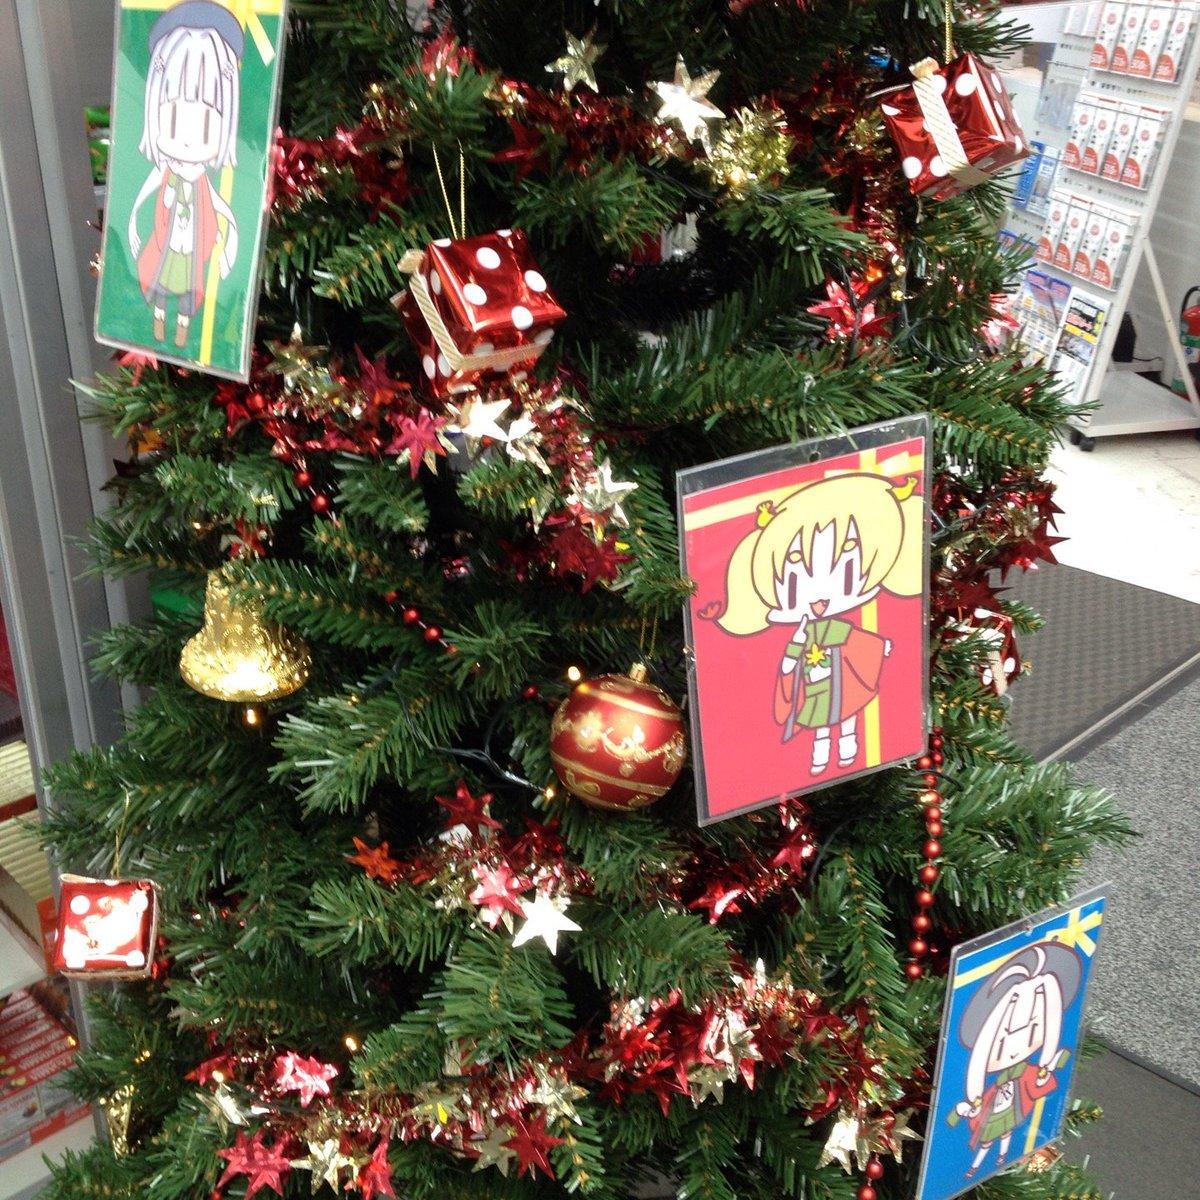 ビックカメラ JR京都駅店 クリスマスツリー(さっぽろたん、なごやたん、立川たん)